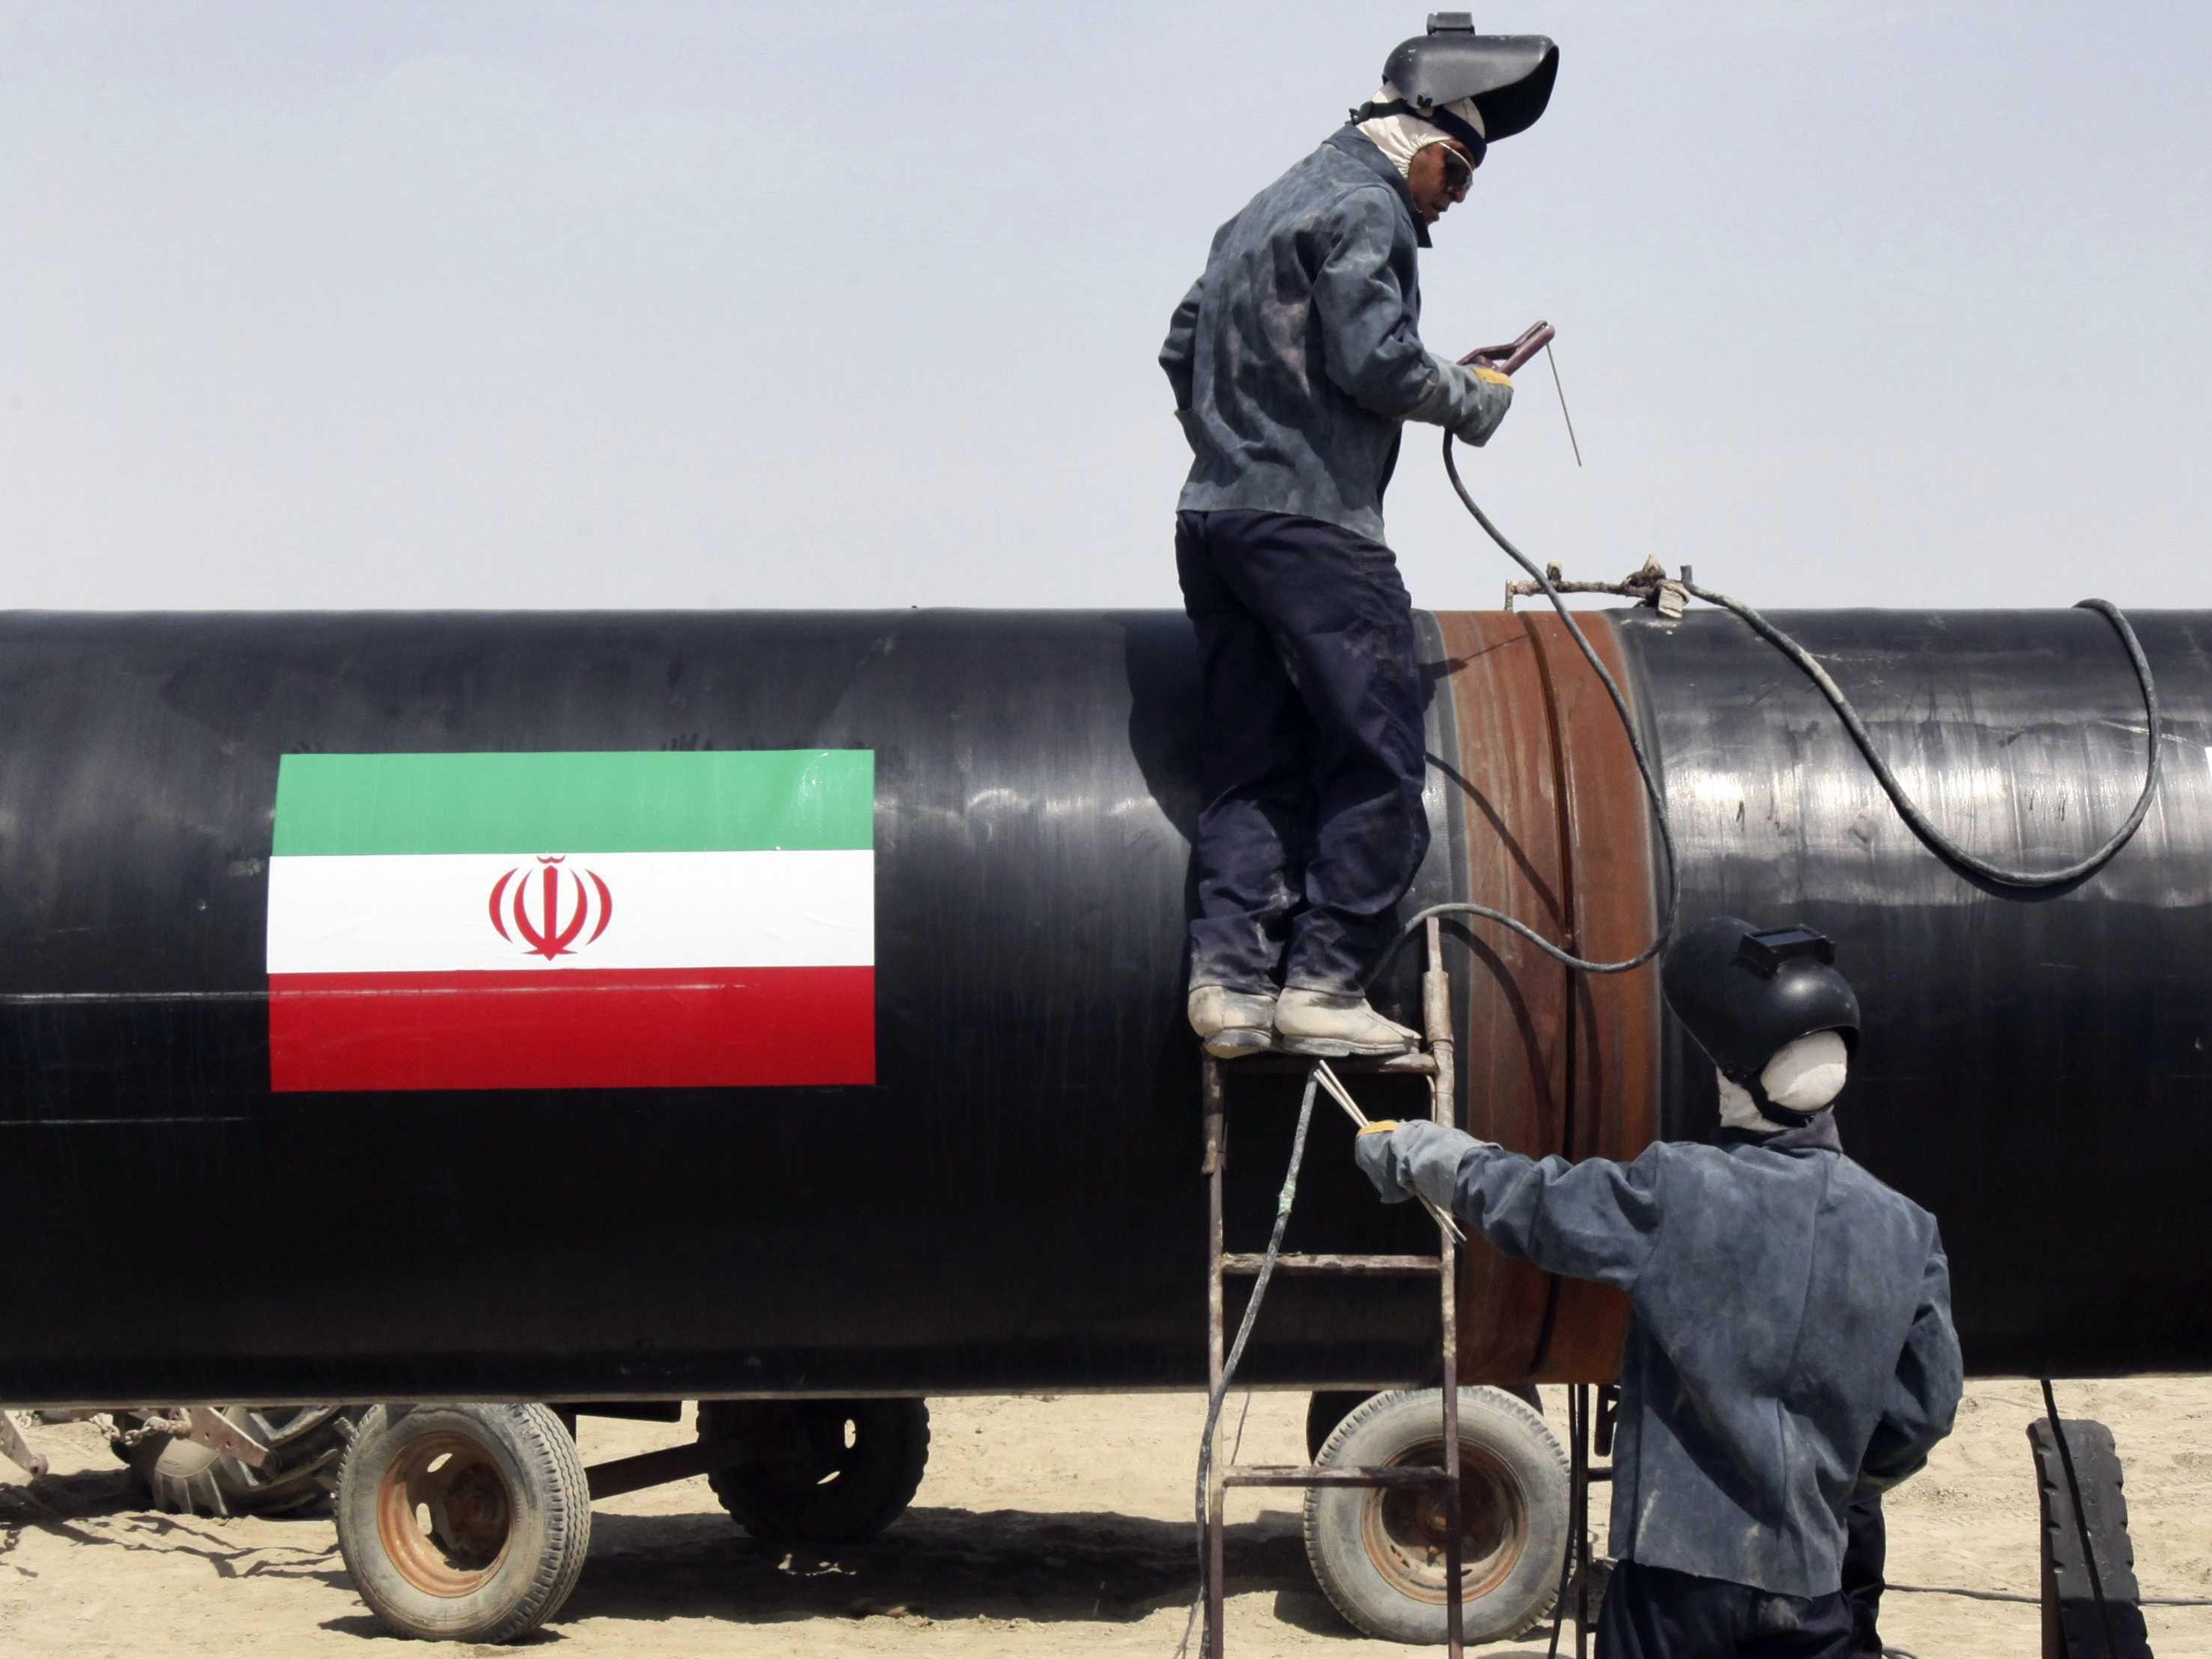 伊朗原油出口产能大幅增加 印度成其最佳战友